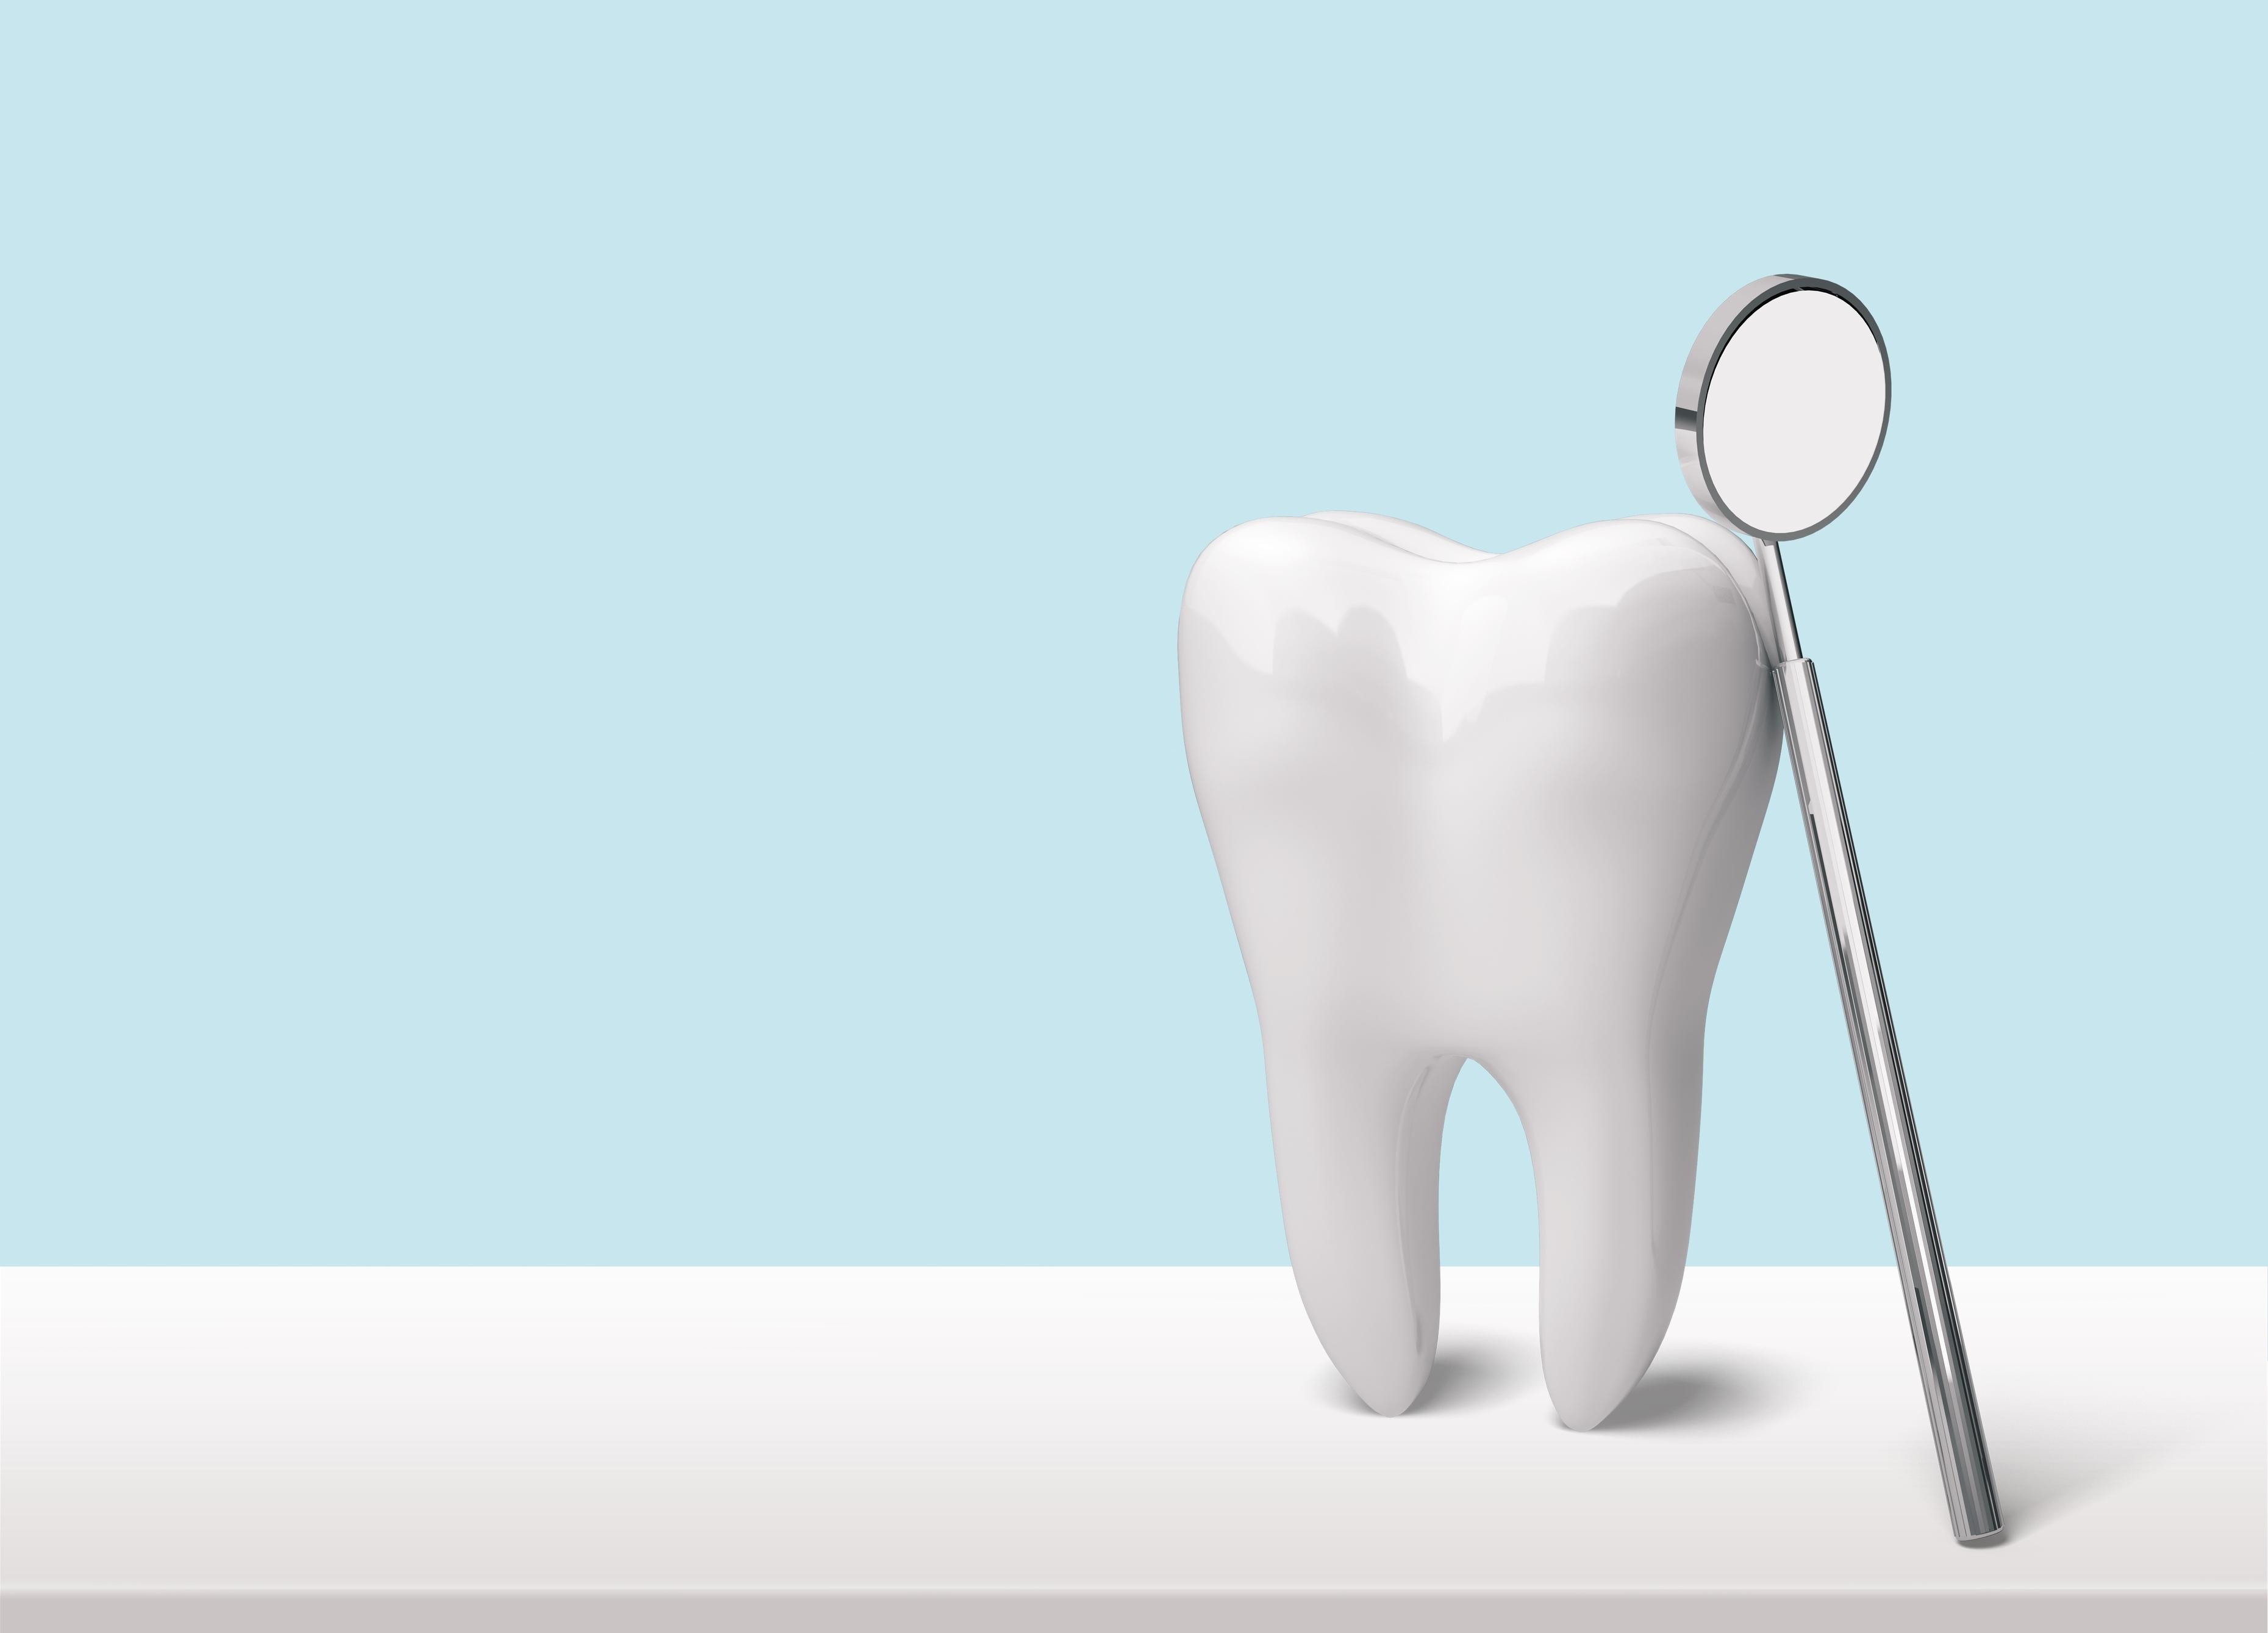 Últimos molares a nascer, os dentes sisos – popularmente conhecidos como dentes do juízo – são temidos por muita gente.